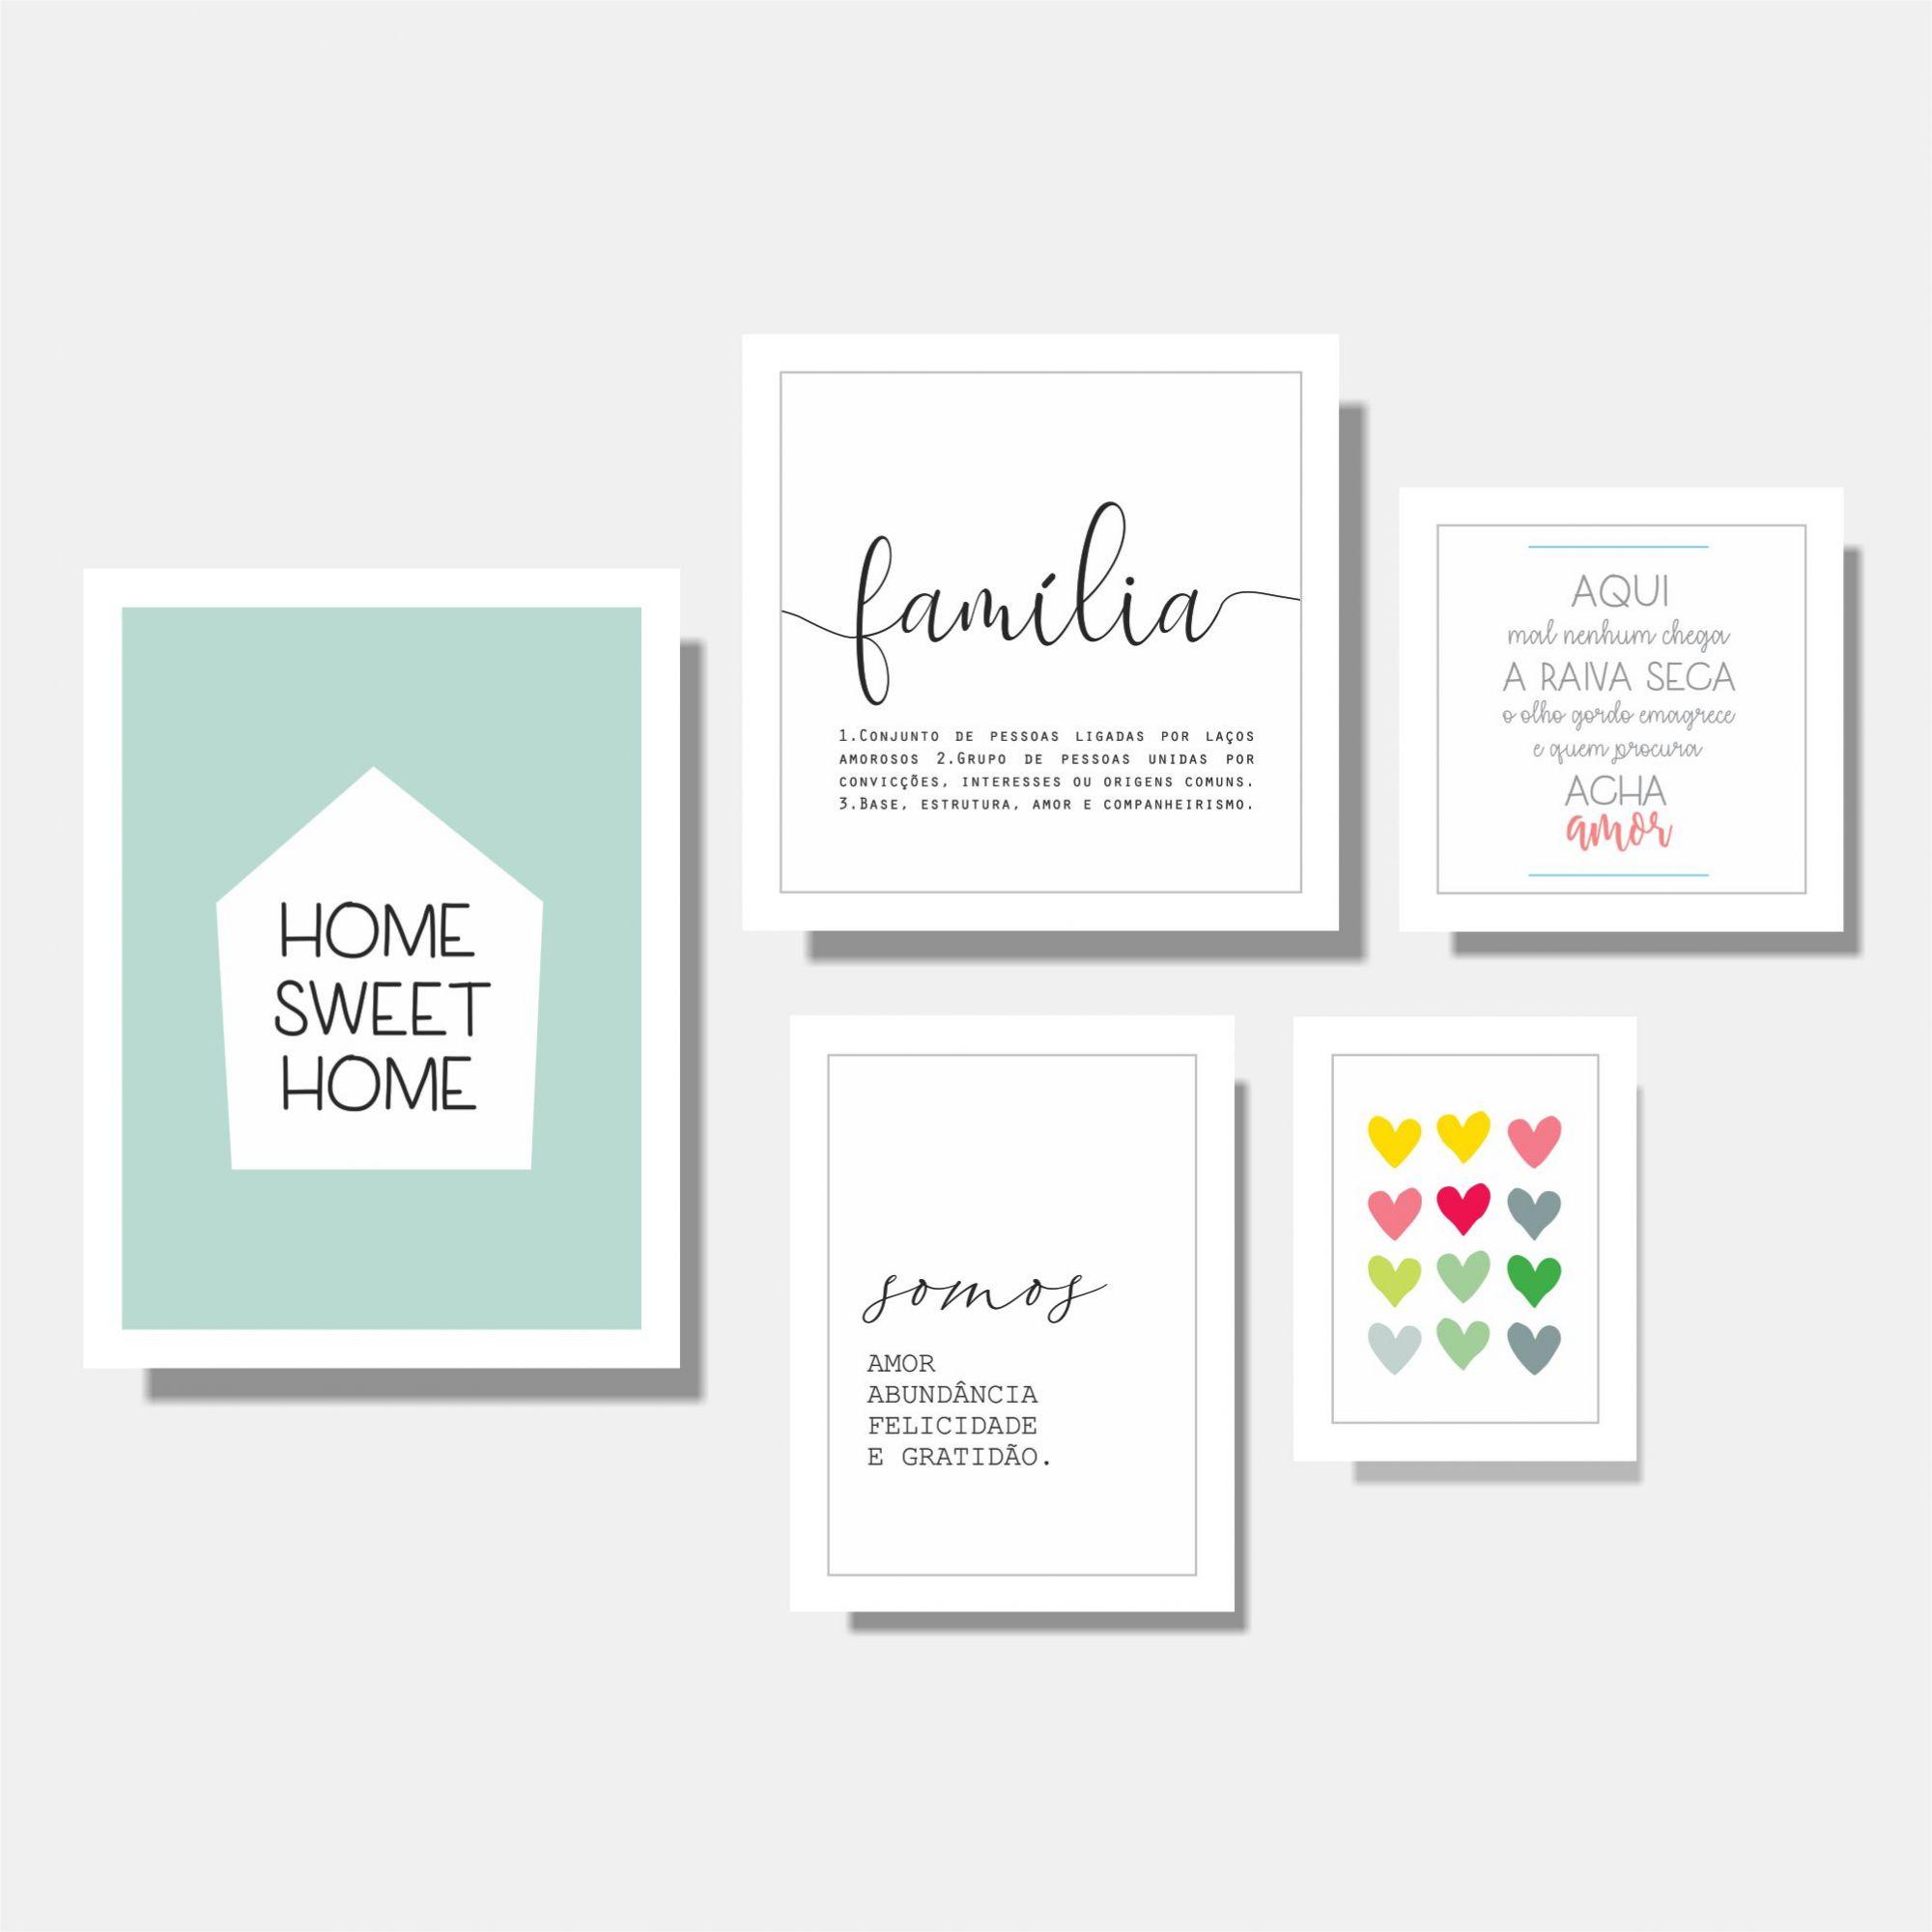 Kit Home Sweet Home + Somos Amor + Corações + Aqui mal Nenhum Chega + Família